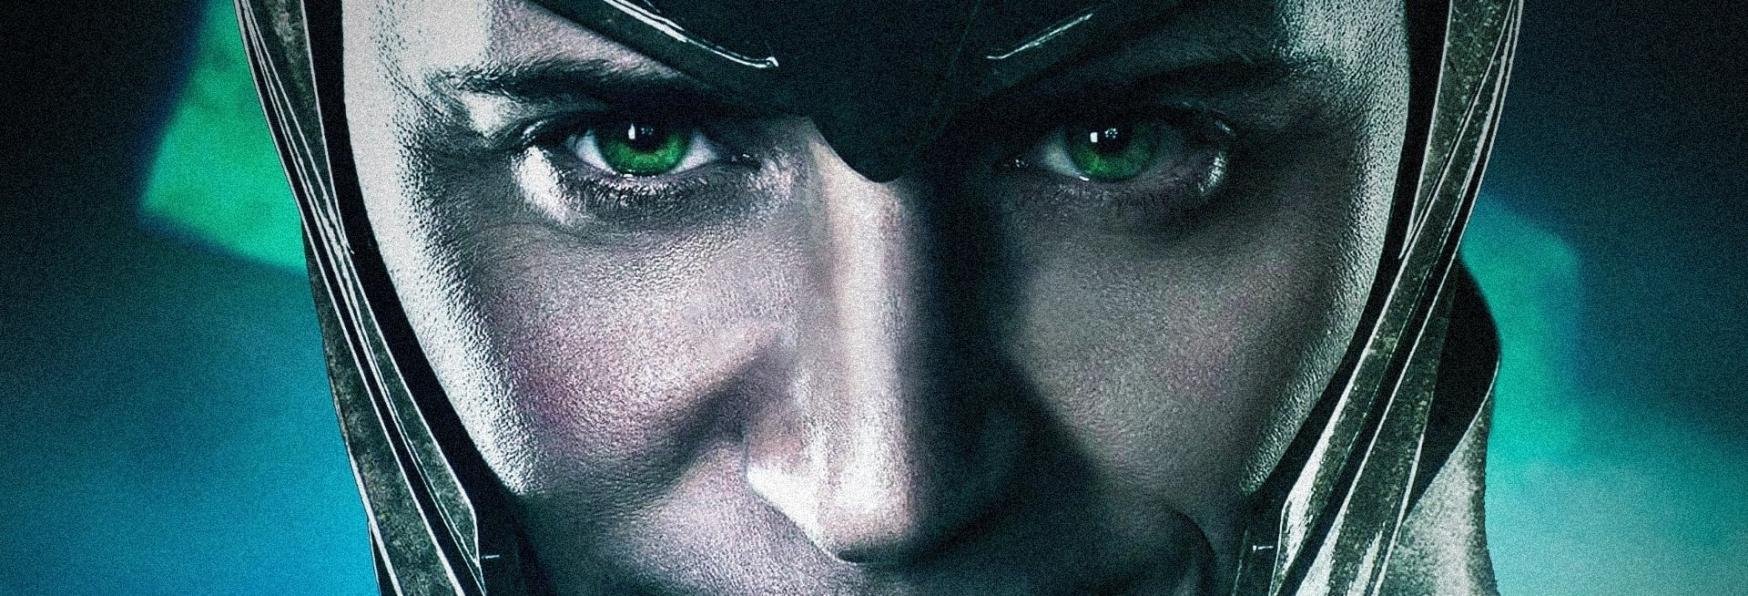 Loki 1x06: le ultime Dichiarazioni di Tom Hiddleston sul Finale di Stagione